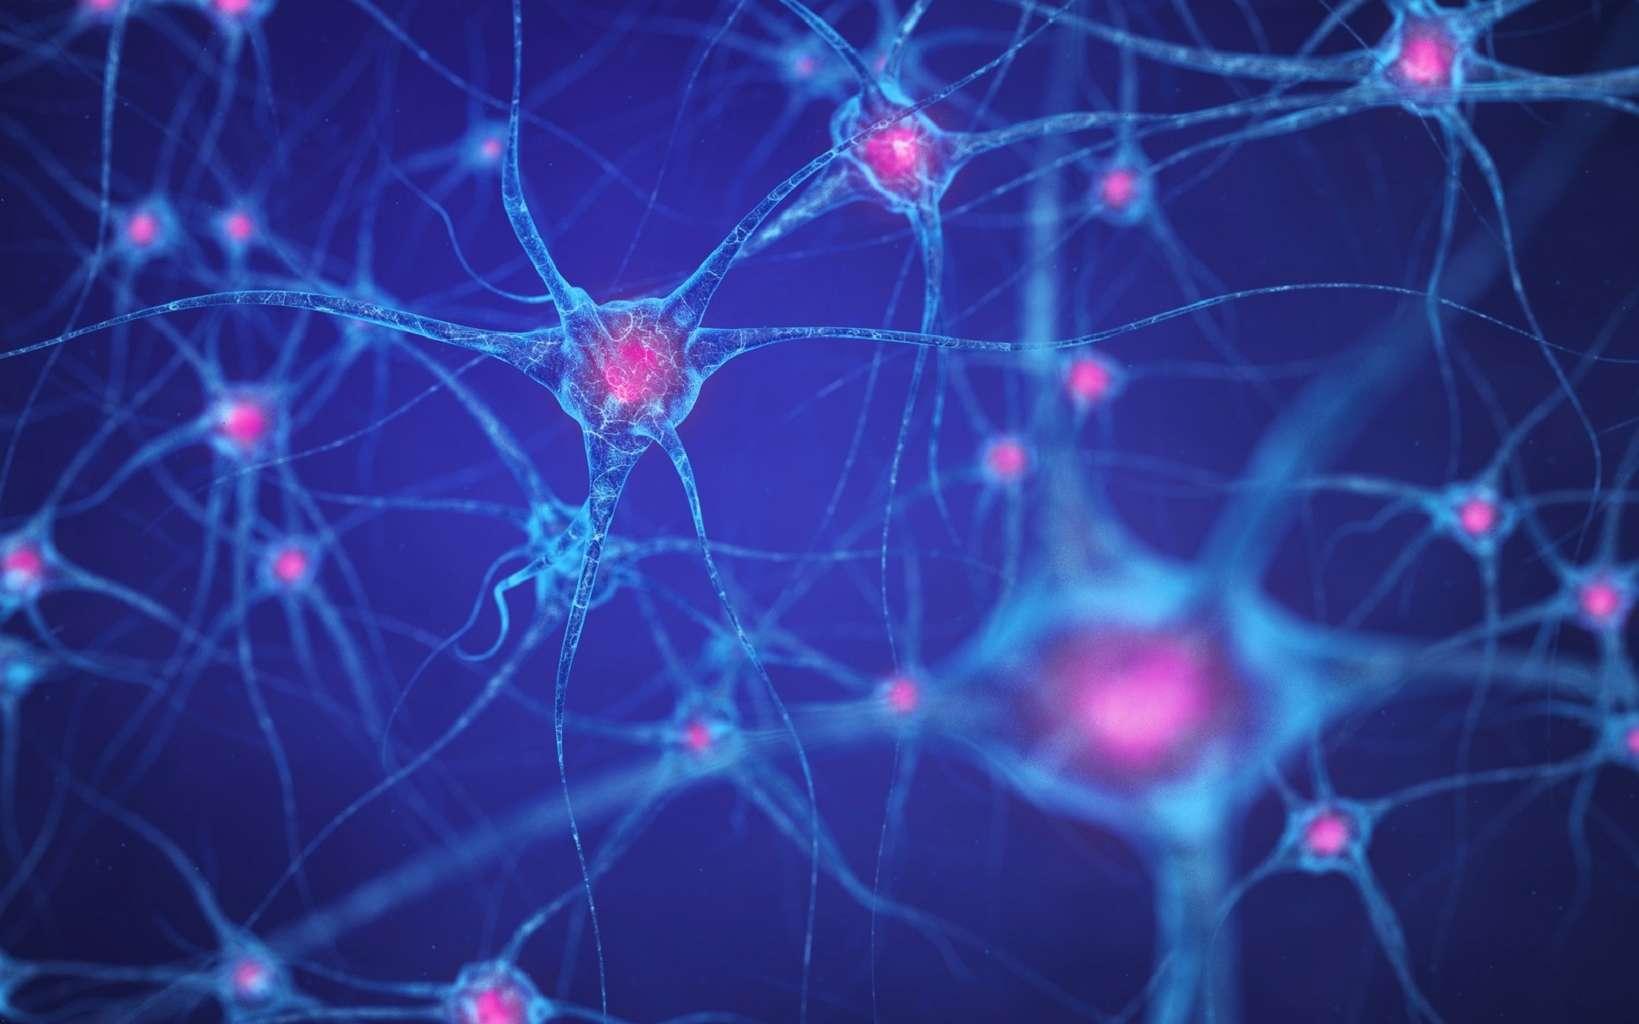 La sclérose en plaques s'attaque à la gaine de myéline des neurones. © nobeastsofierce, Fotolia